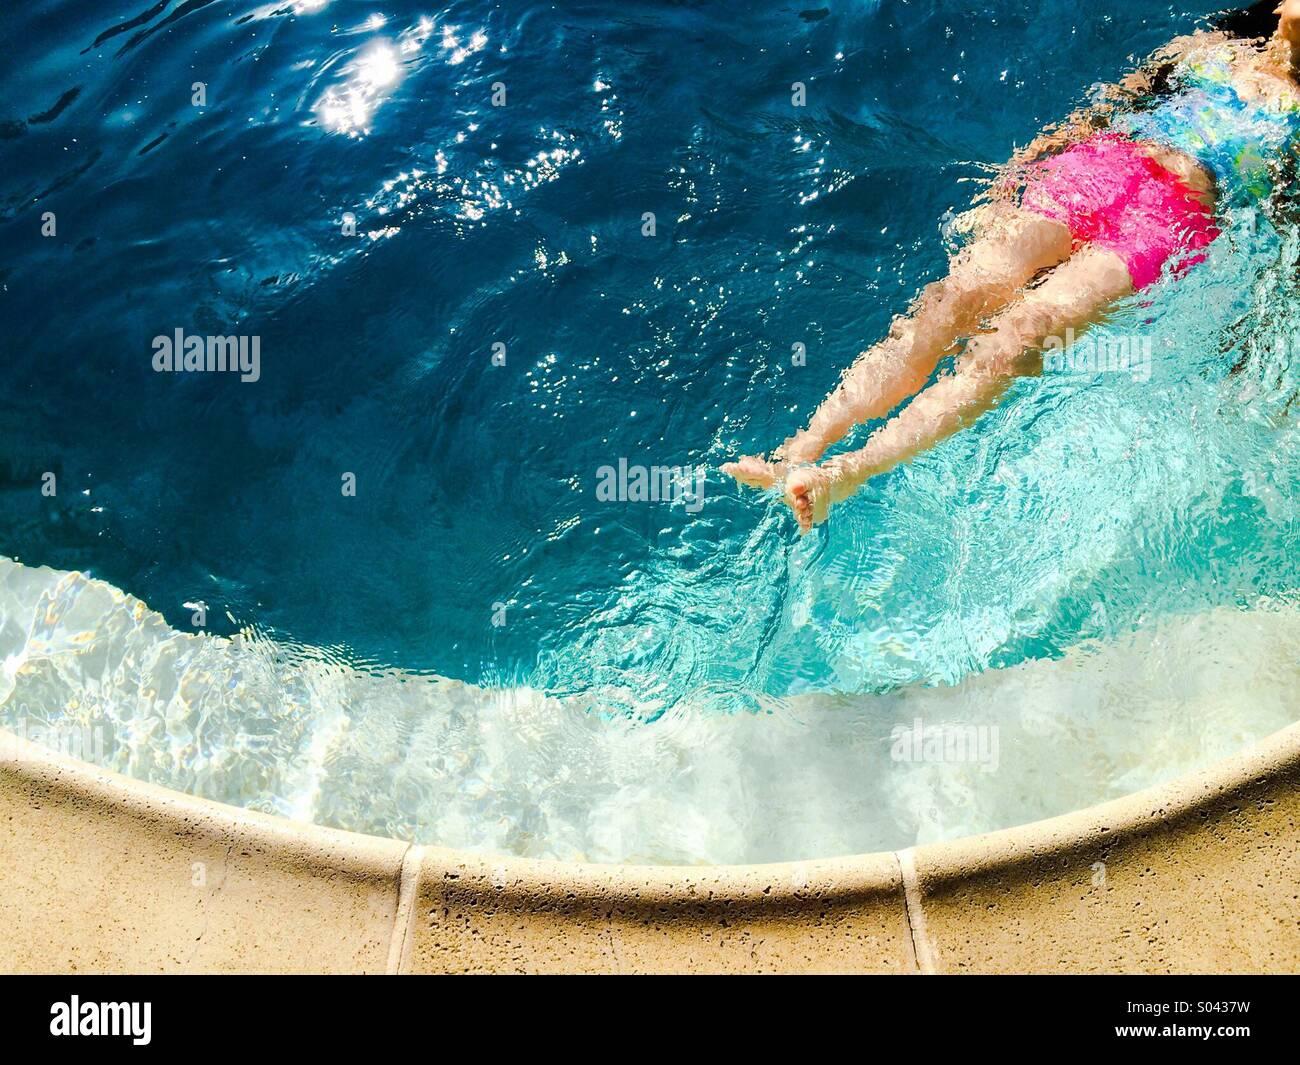 Joven flotando sobre su espalda en una piscina Imagen De Stock